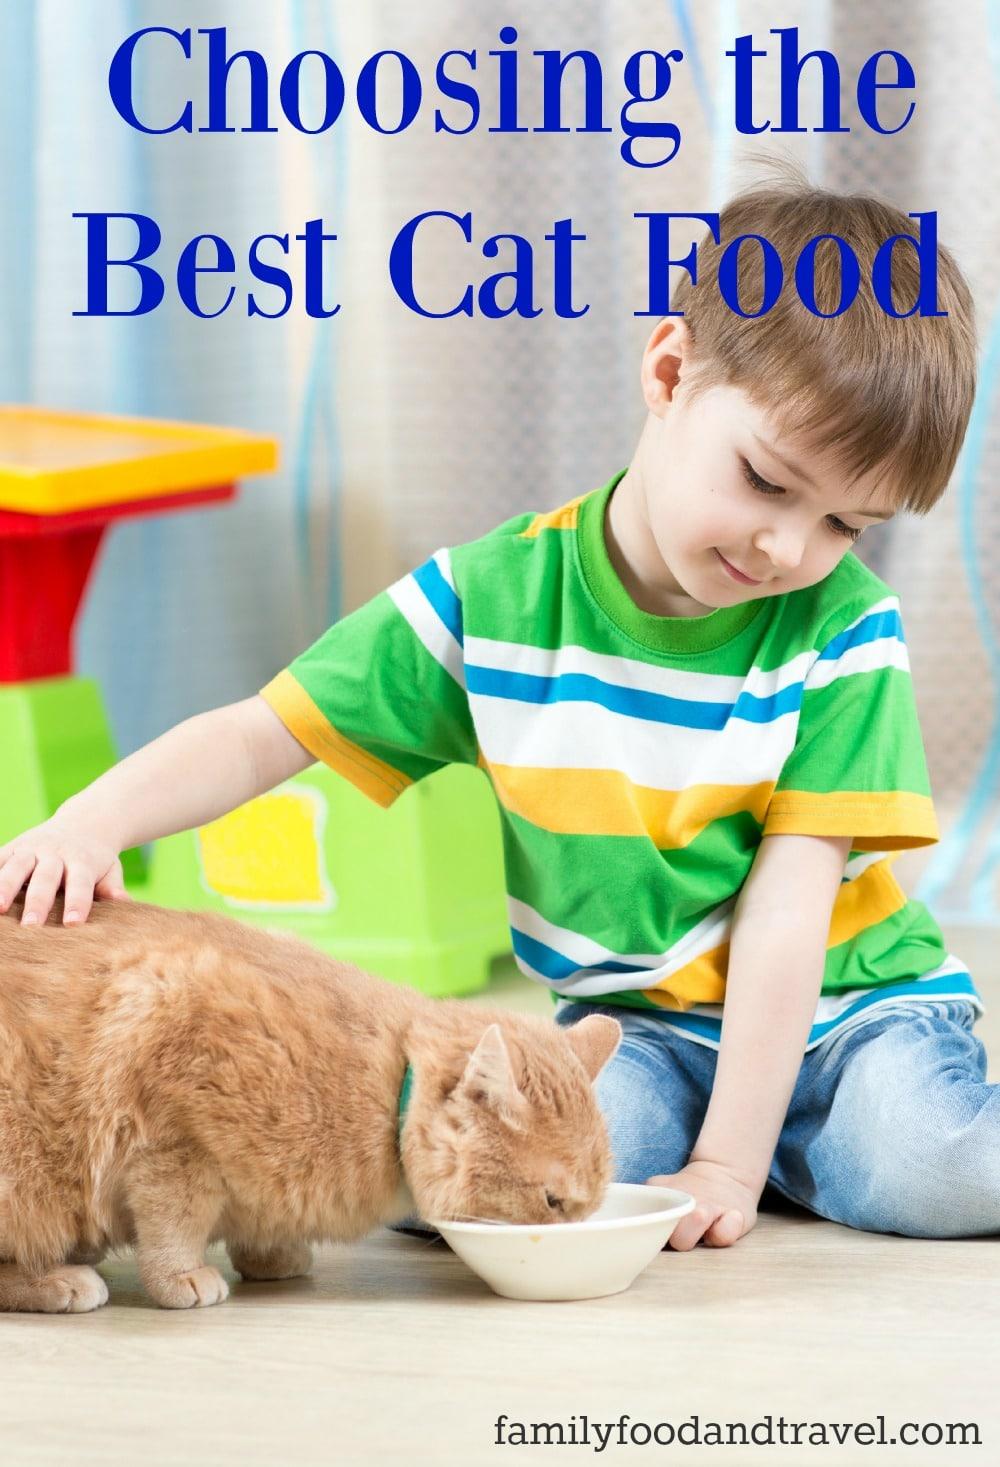 Choosing the Best Cat Food